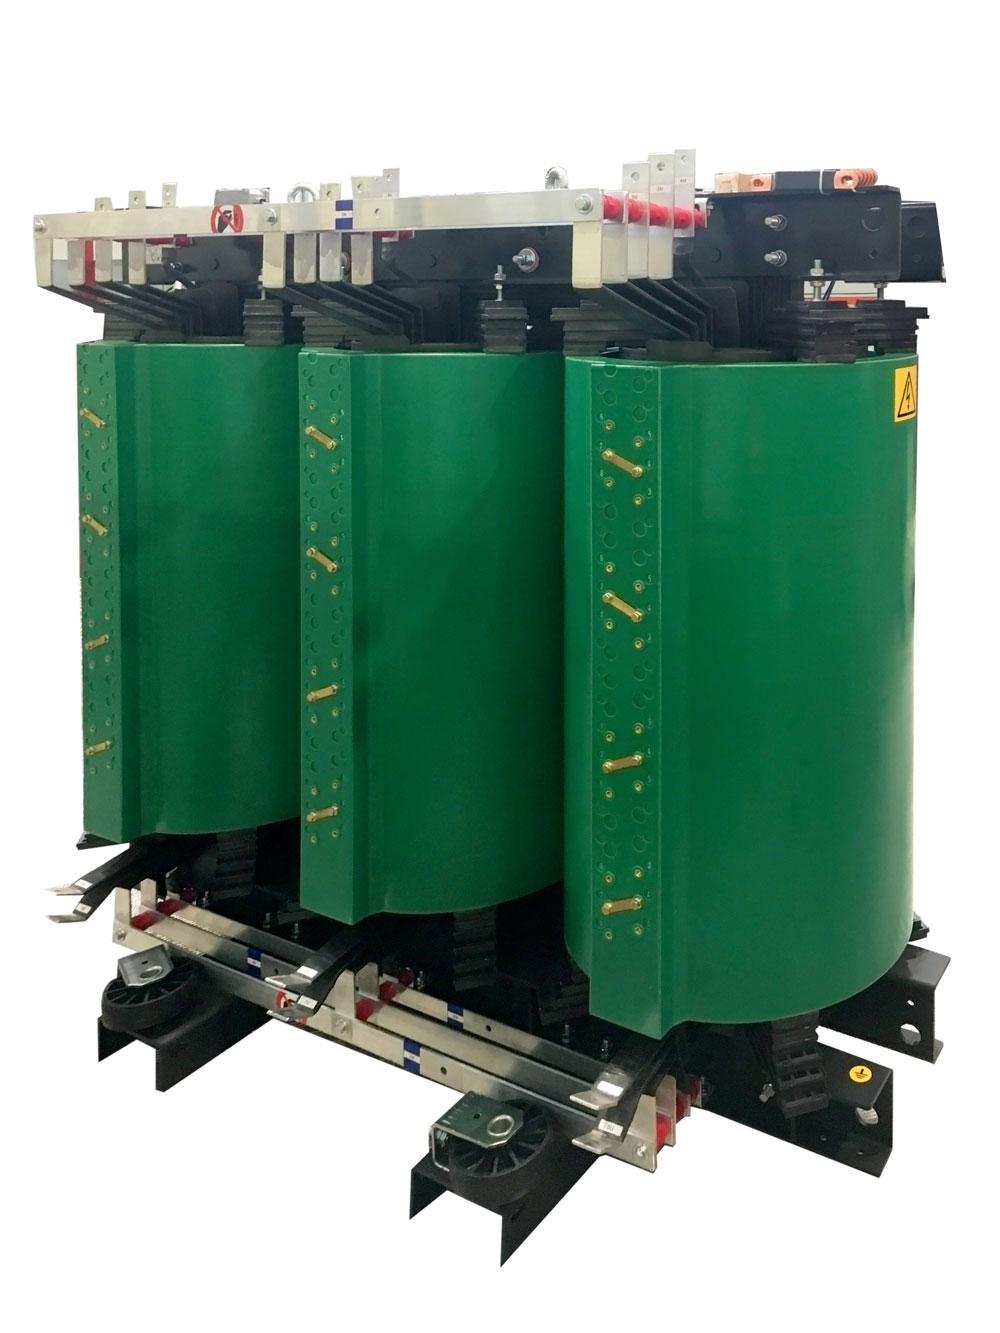 Transformatoren für Schnellladestationen